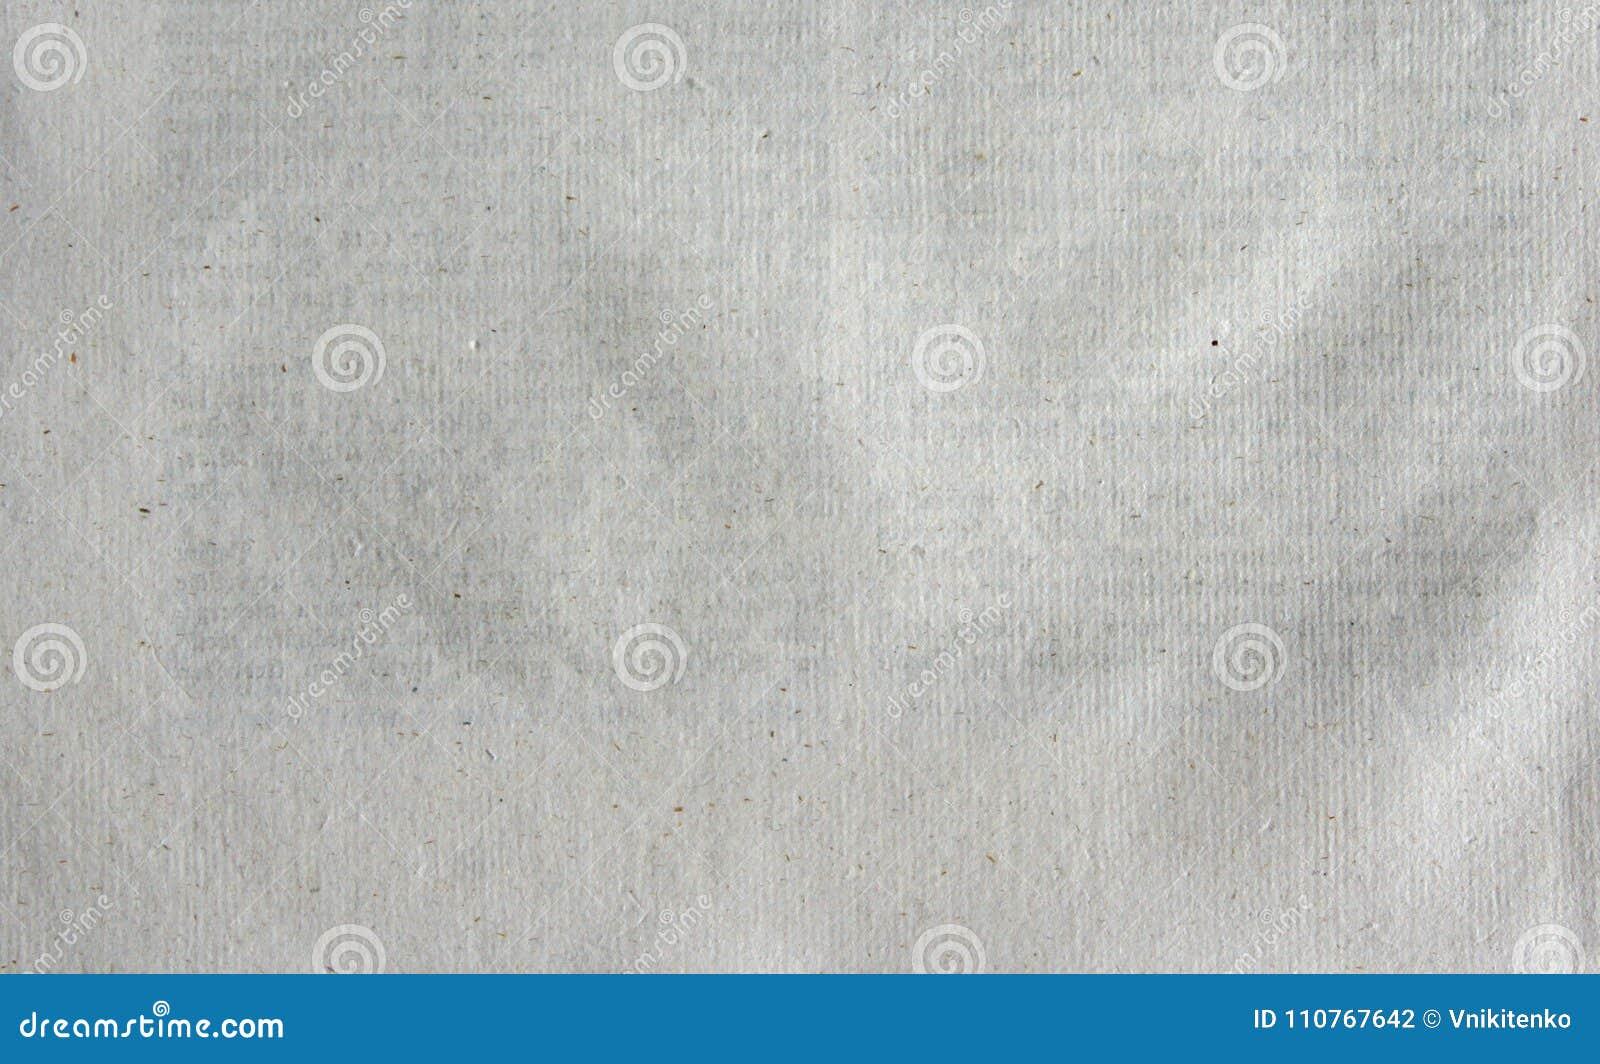 Newsprint Texture Stock Photos - Royalty Free Stock Images